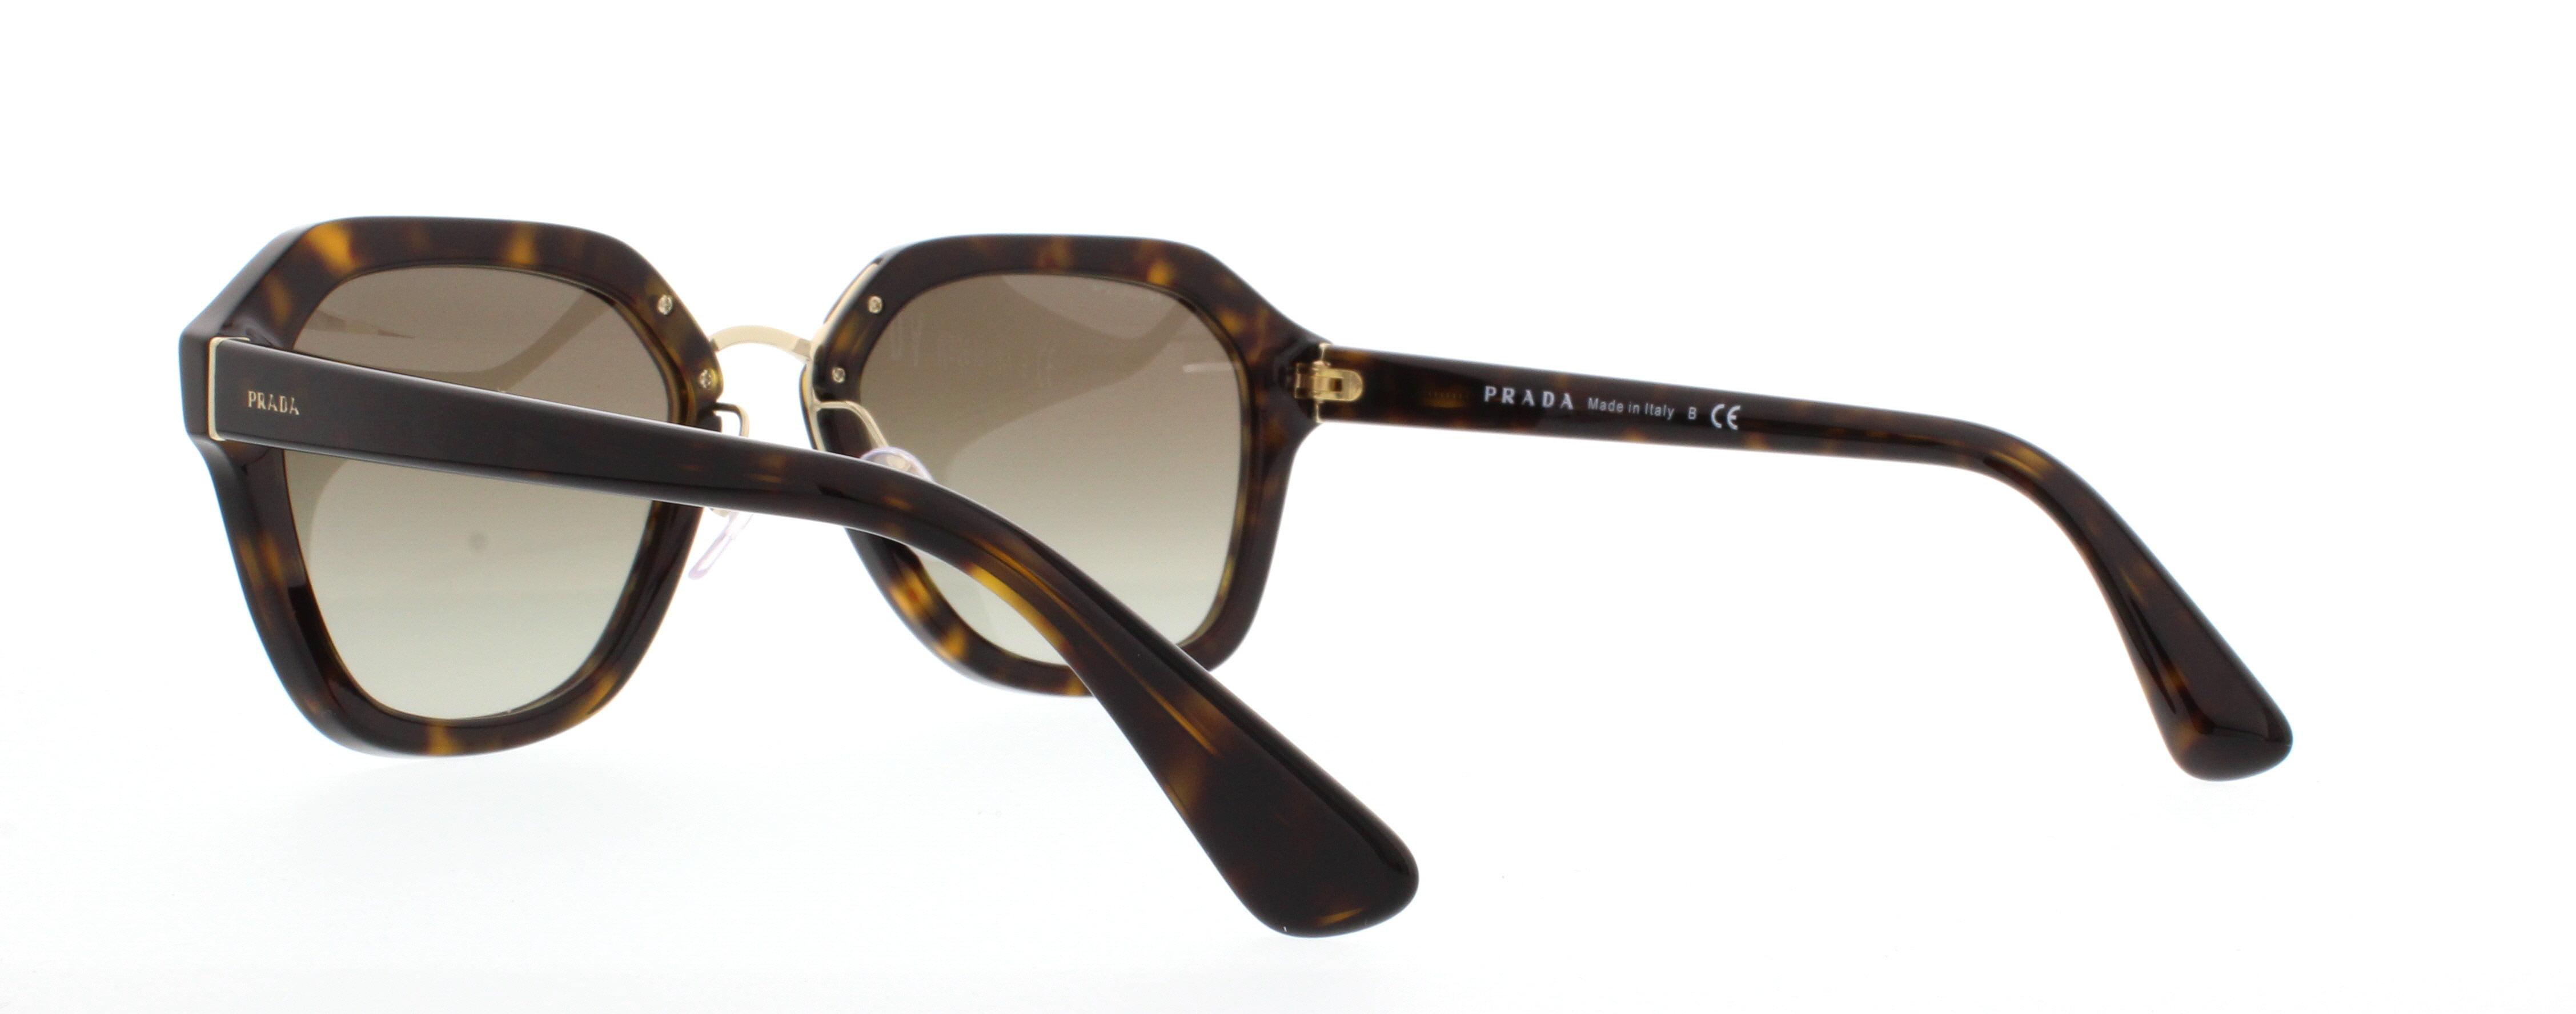 db64feb21c ... sale prada sunglasses pr25rs 1ab0a7 black 55mm walmart 27e0b b32a3